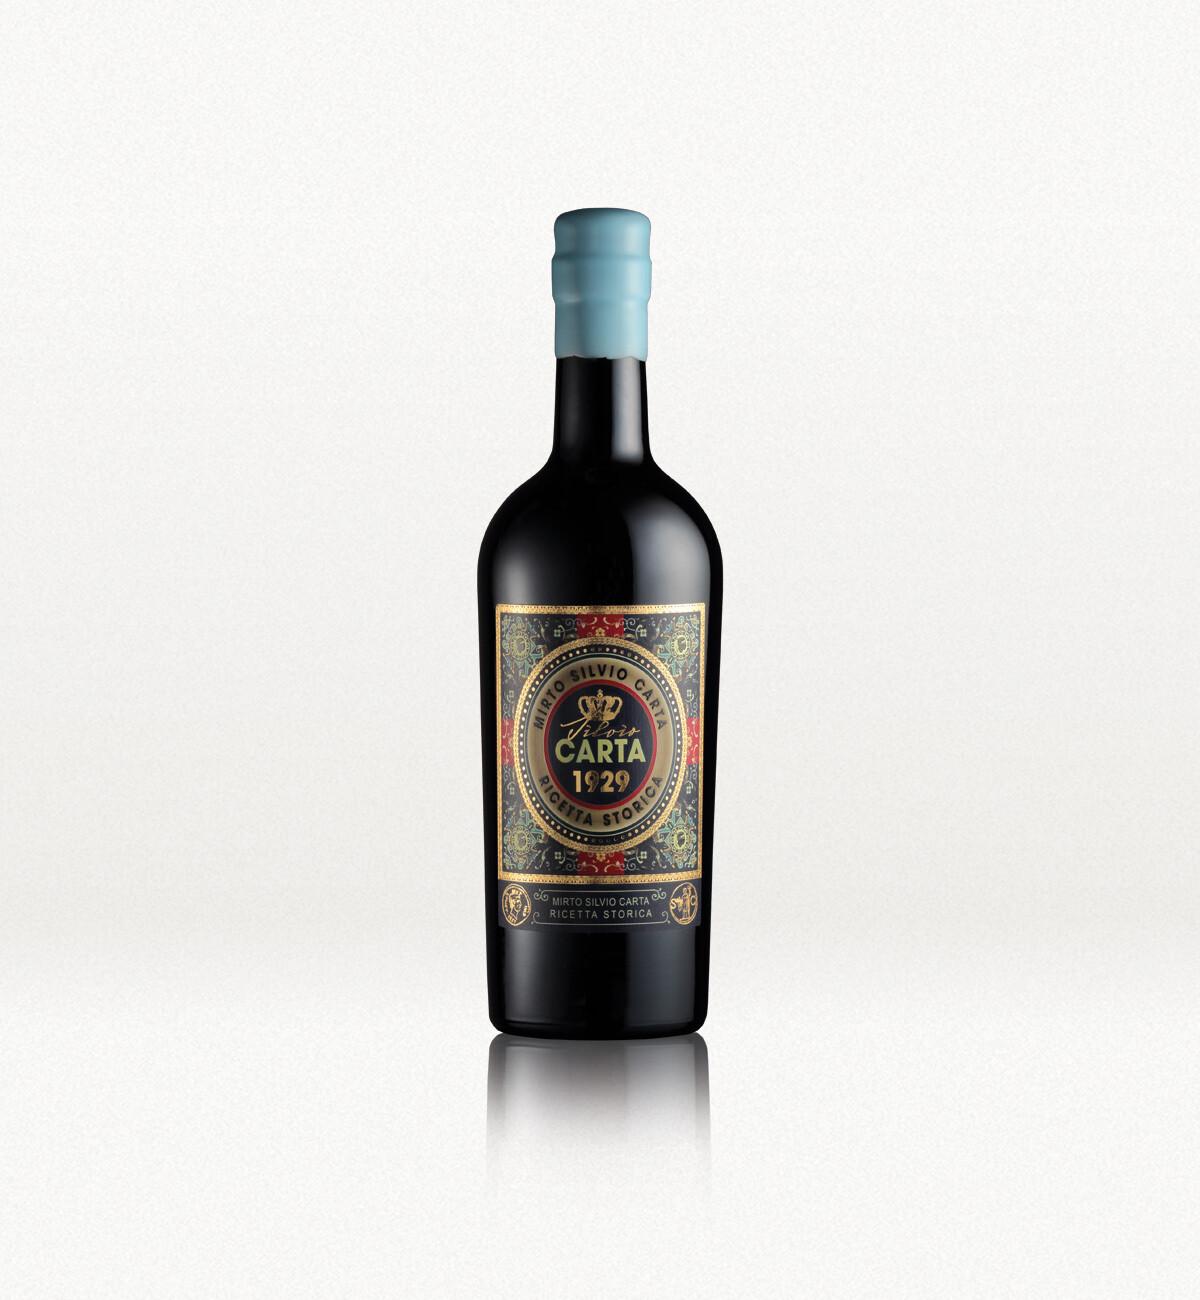 MIRTO RICETTA STORICA Silvio Carta 30 % vol., 0,7 l